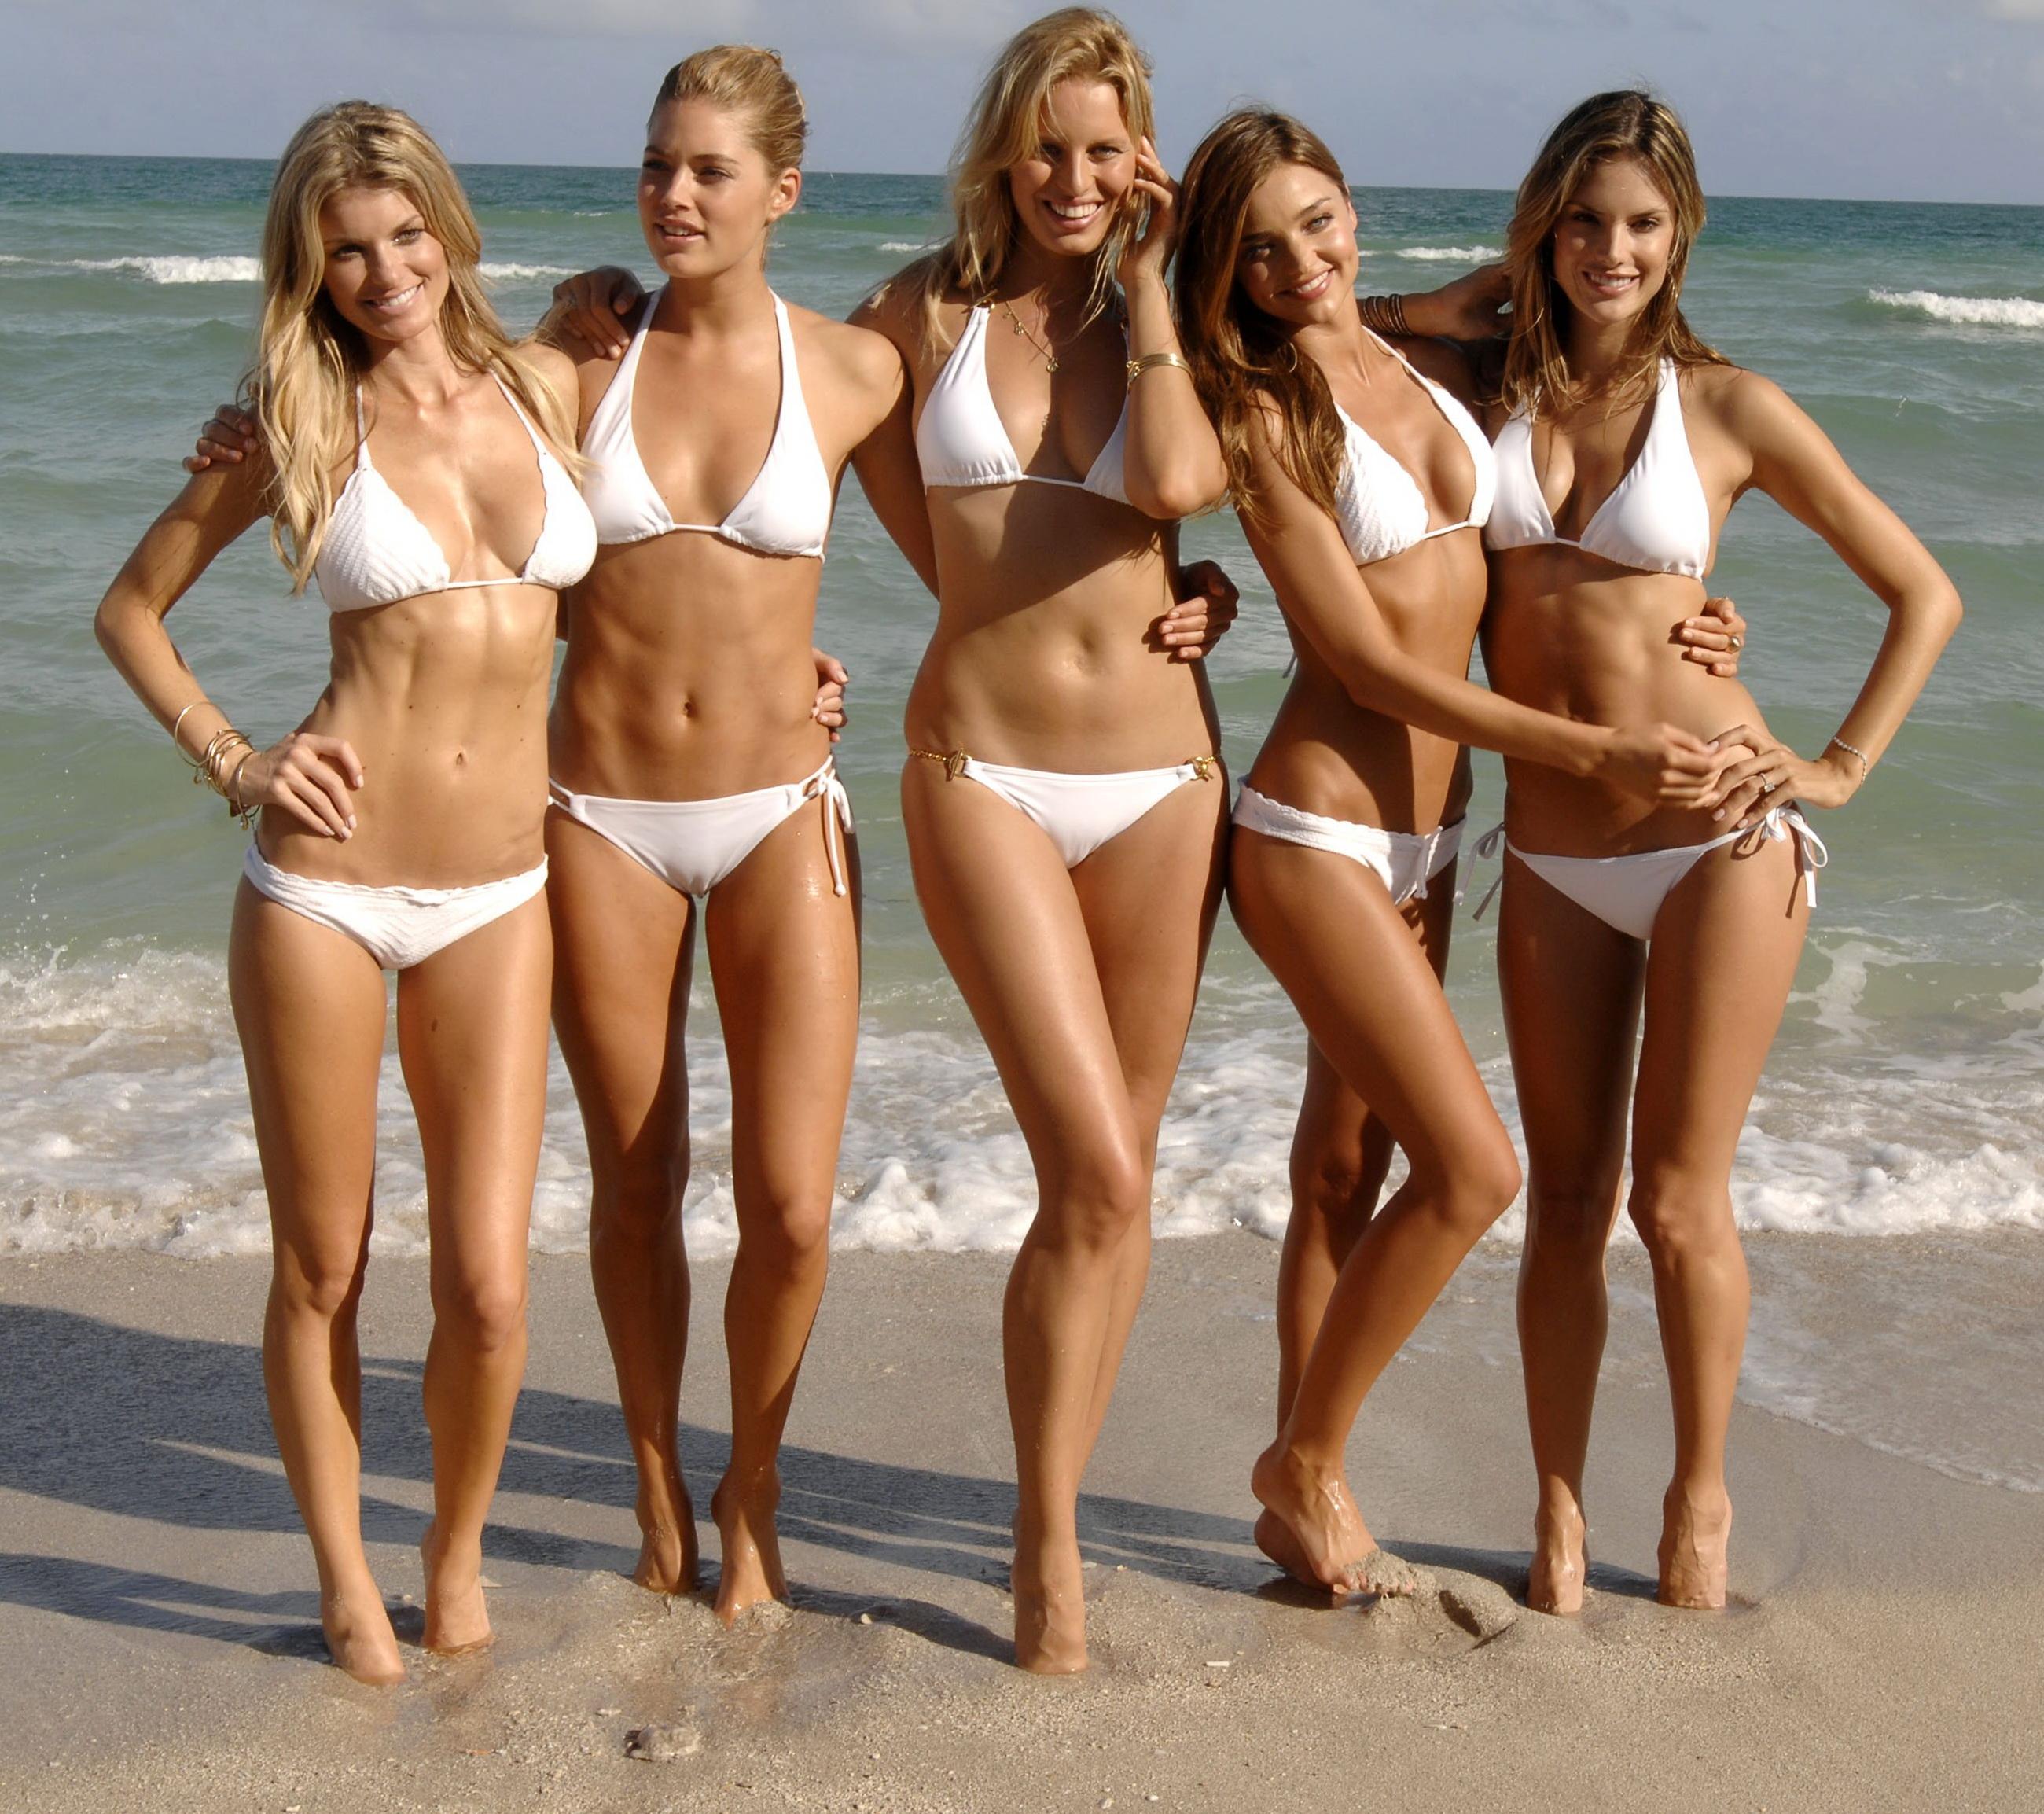 Фото юнных девочек на пляже